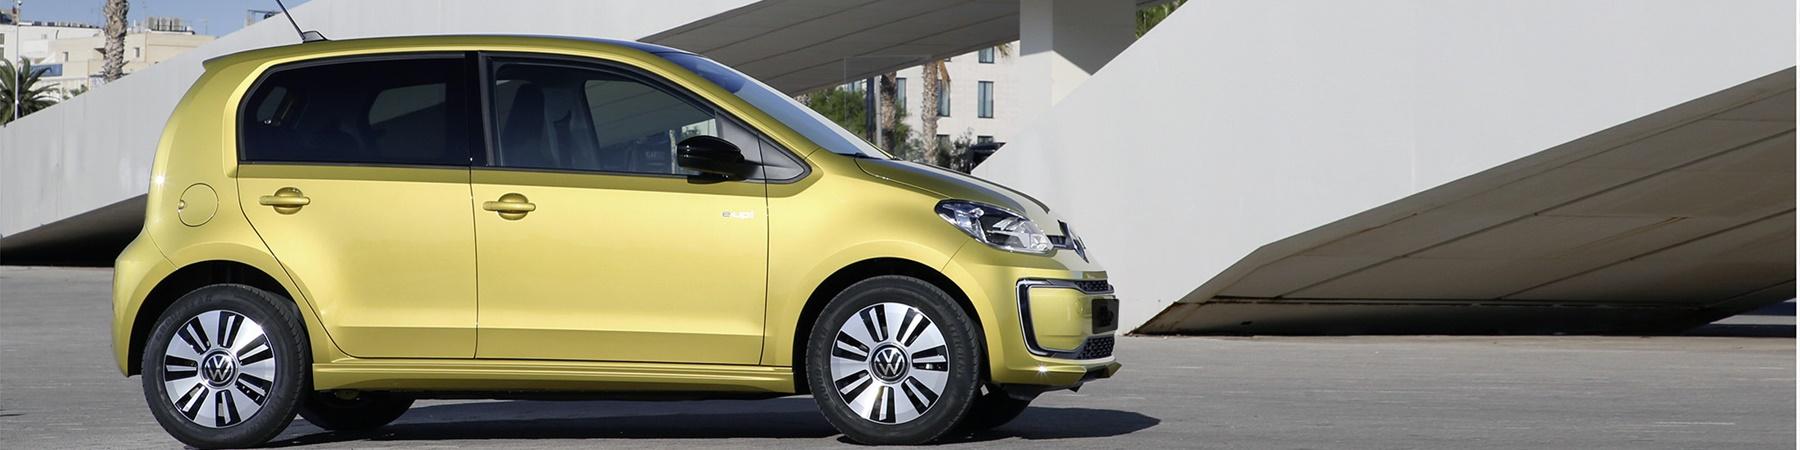 Volkswagen up! 32.3kWh 221 km actieradius